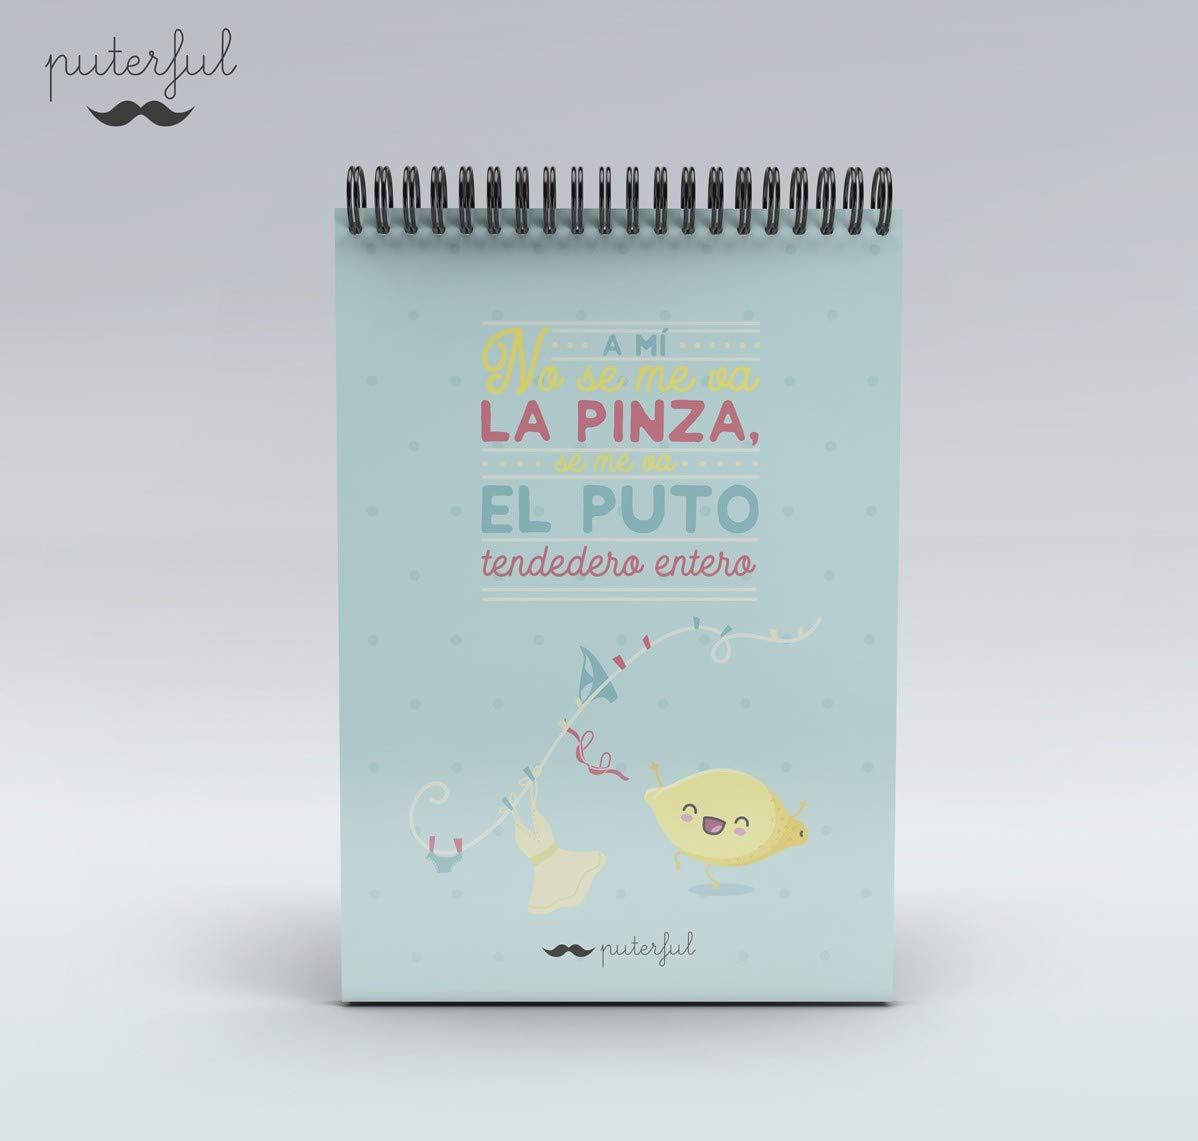 Puterful Bloc Cuarto A mí no se me va la Pinza mr: Amazon.es ...